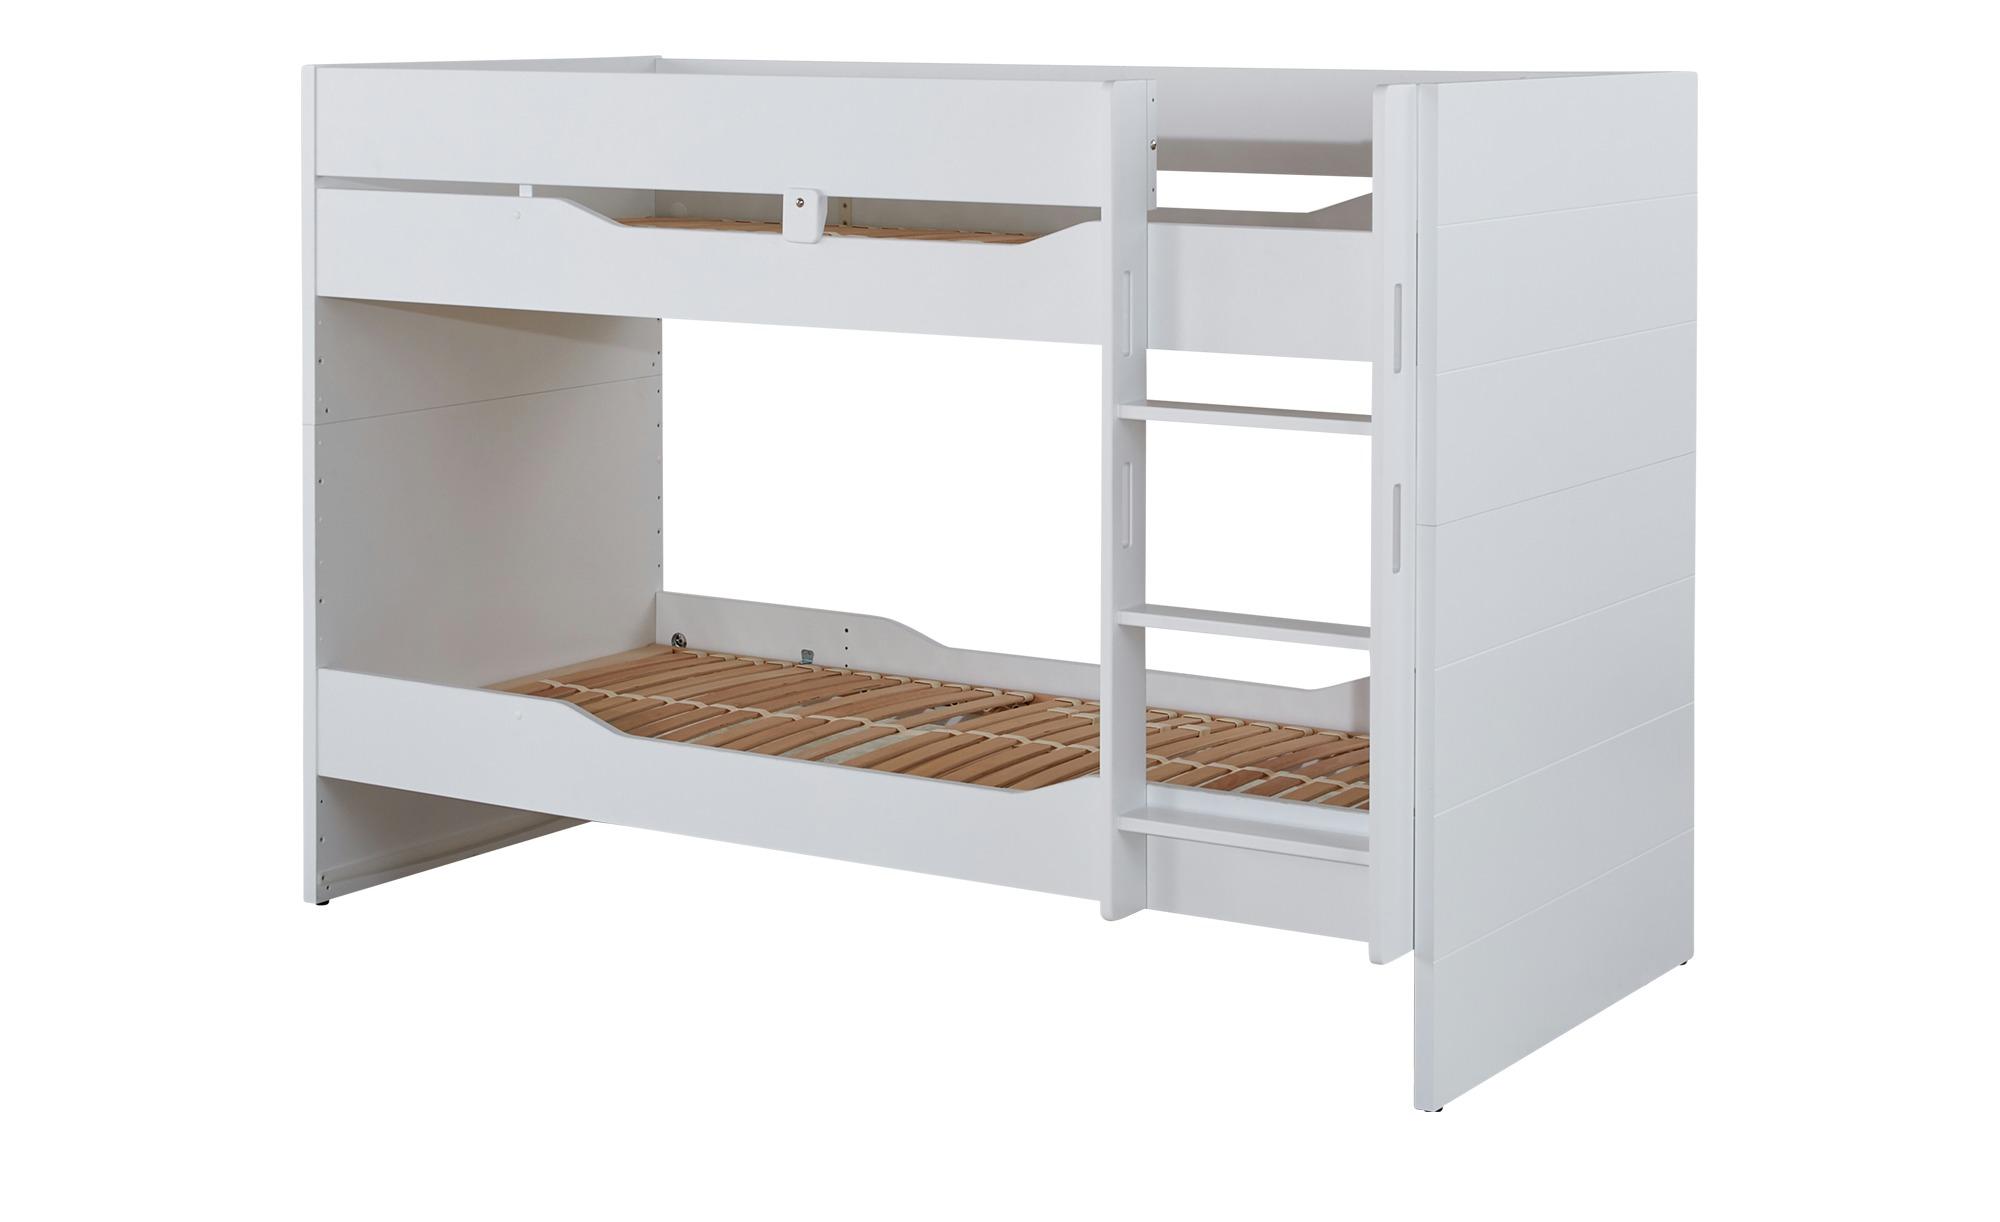 Paidi Etagenbett Ylvie 140 : Paidi etagenbett weiß fiona möbel höffner